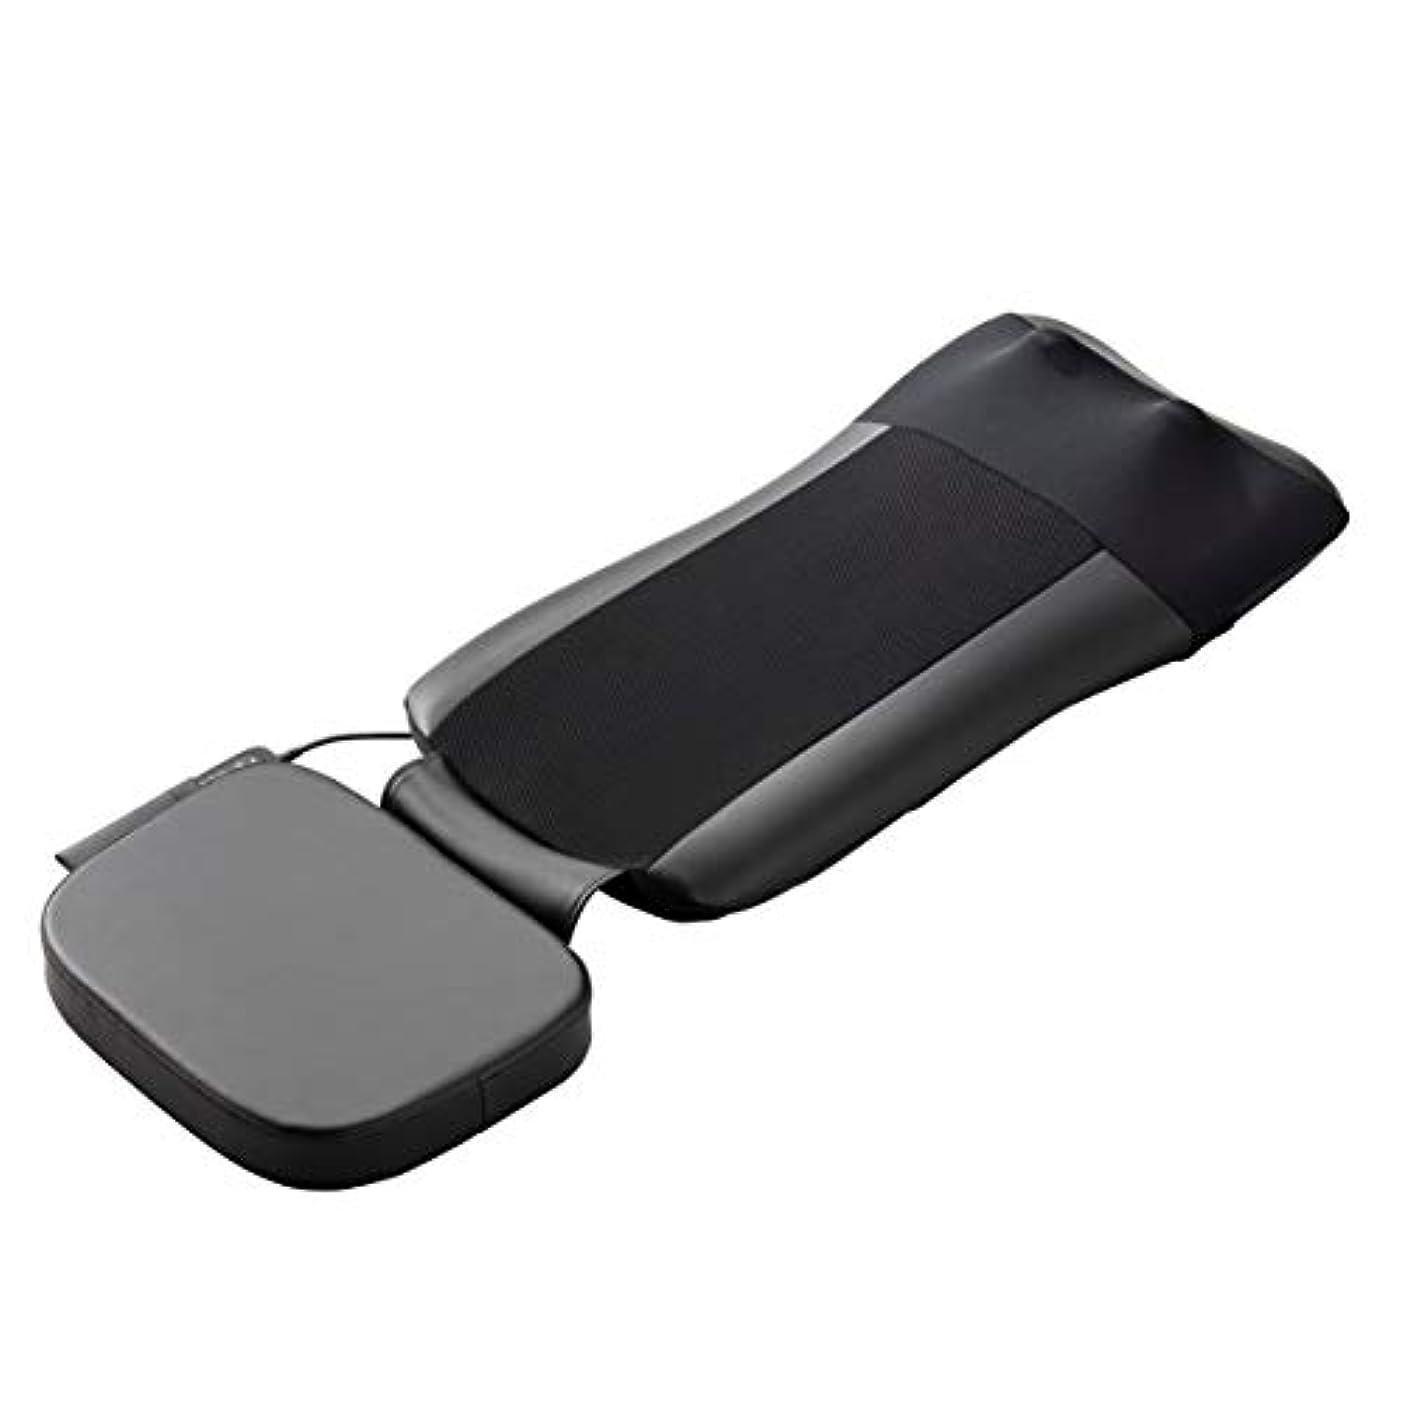 目立つ針酸化するスライヴ マッサージシート 【通販専用モデル】 寝て使用可能 たたき機能搭載 ストレッチコース付き ブラック MD-8671 BK